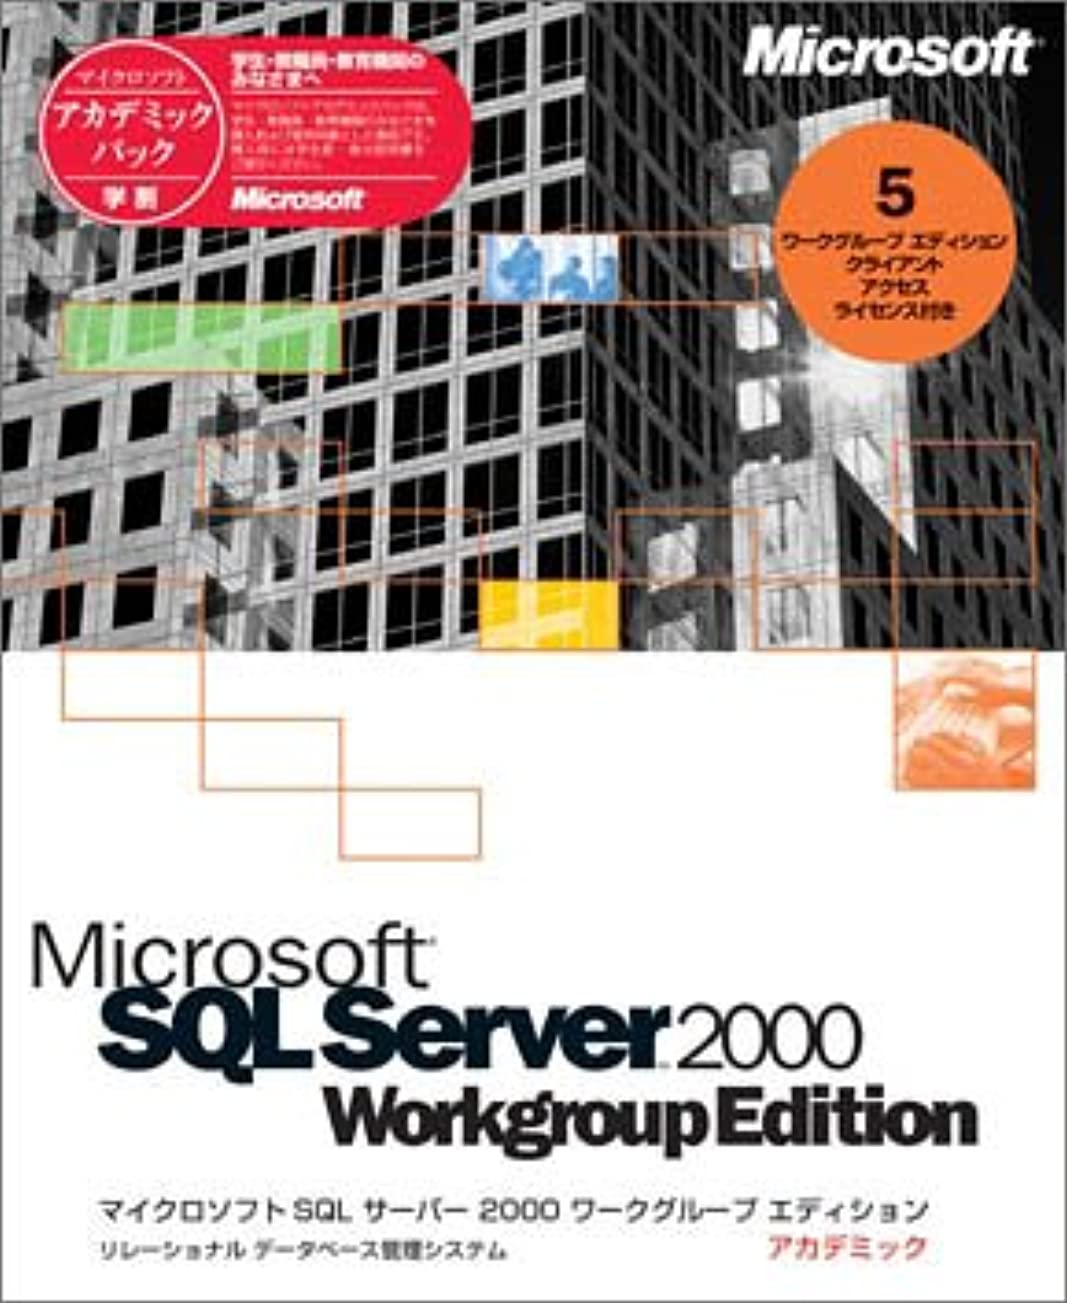 踏み台発行故国Microsoft SQL Server 2000 Workgroup Edition 日本語版 アカデミック